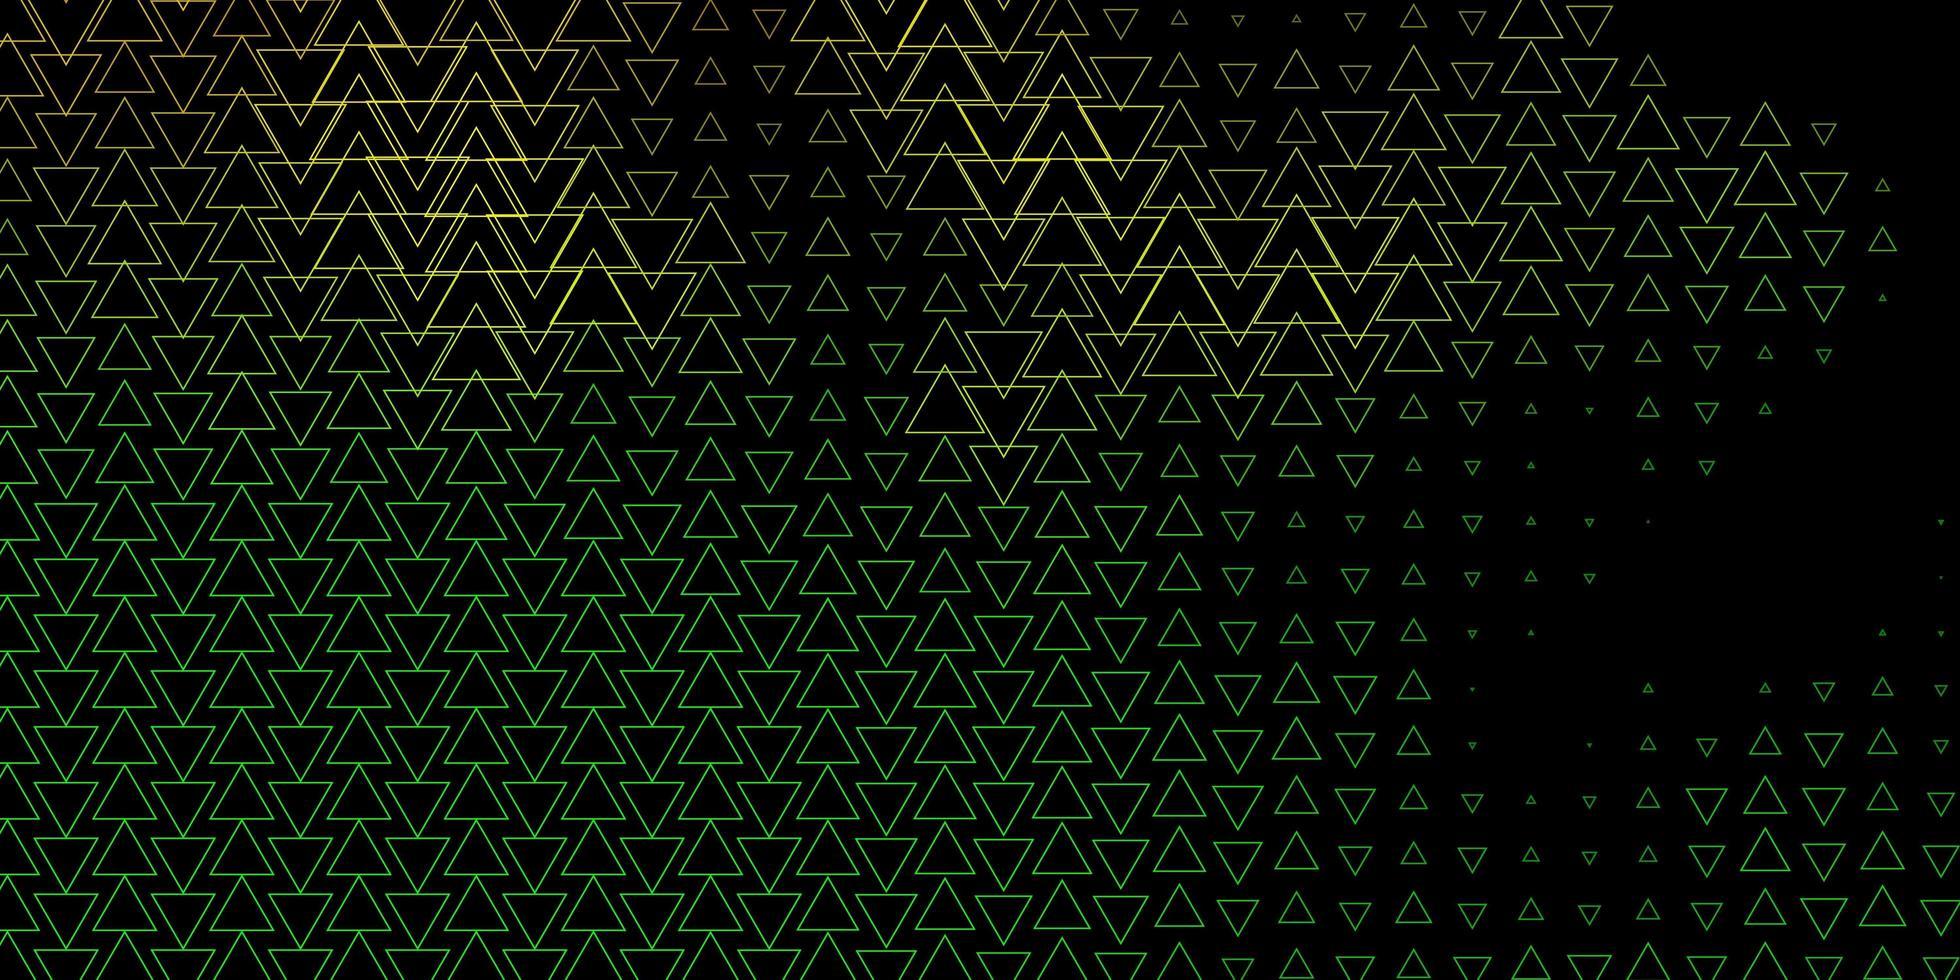 diseño de vector verde oscuro, amarillo con líneas, triángulos.